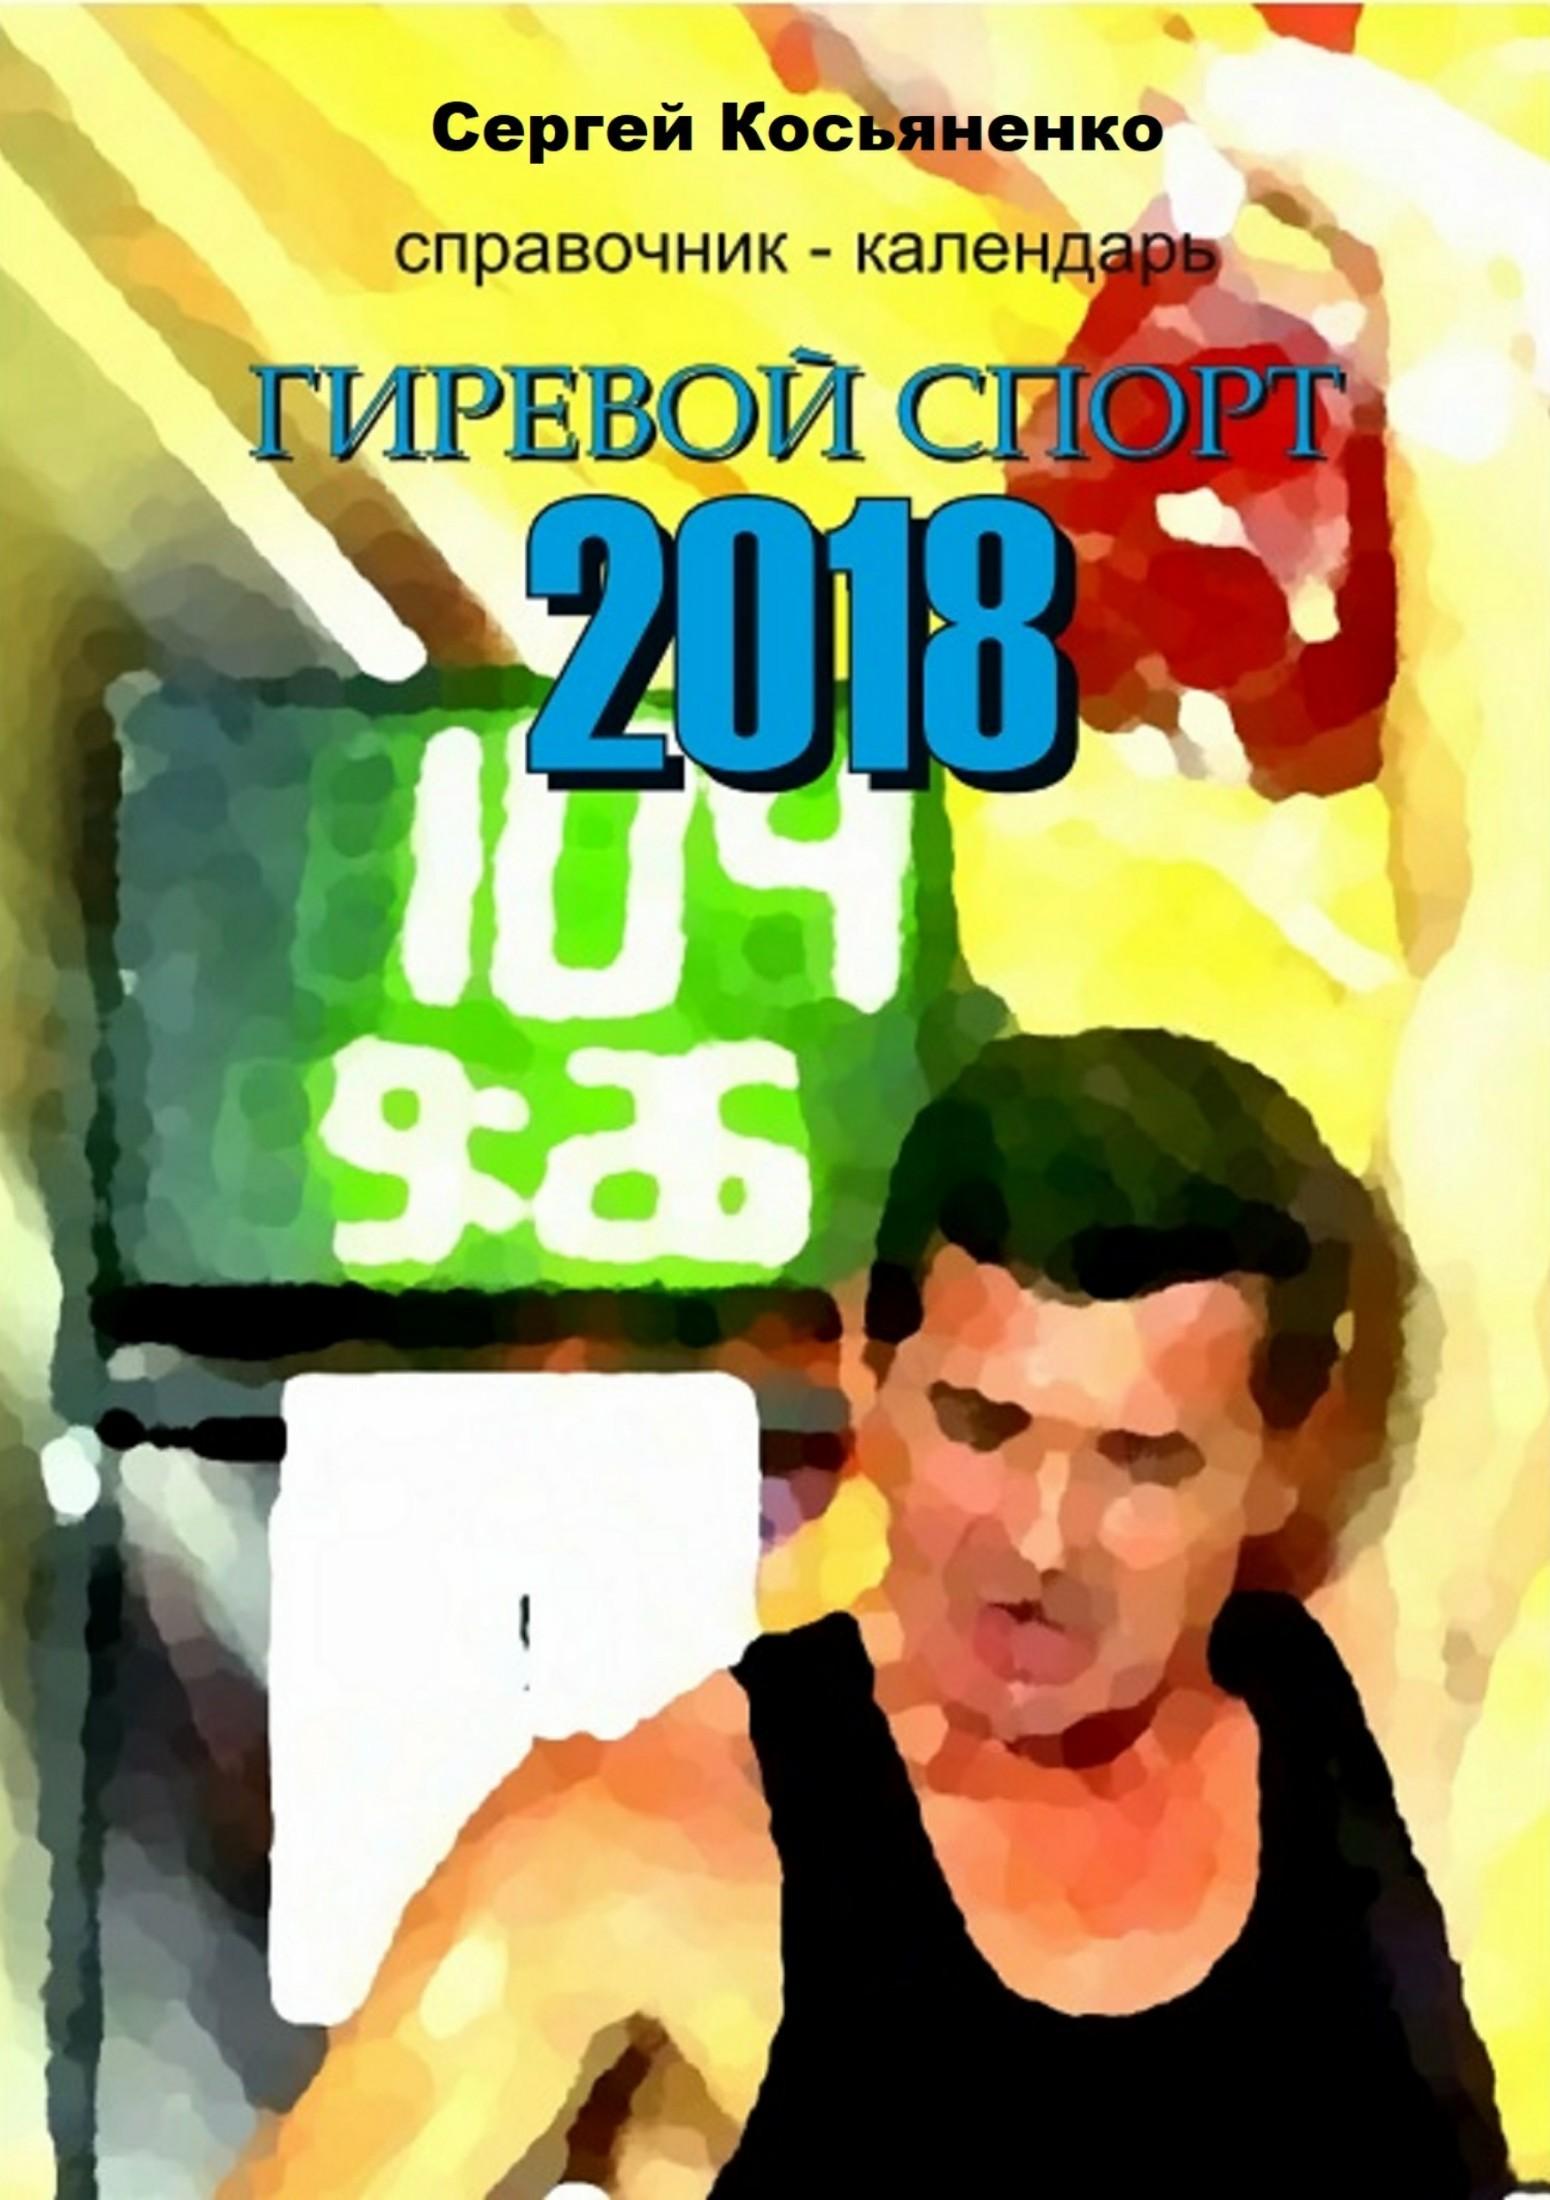 Сергей Иванович Косьяненко. Справочник-календарь. Гиревой спорт 2018